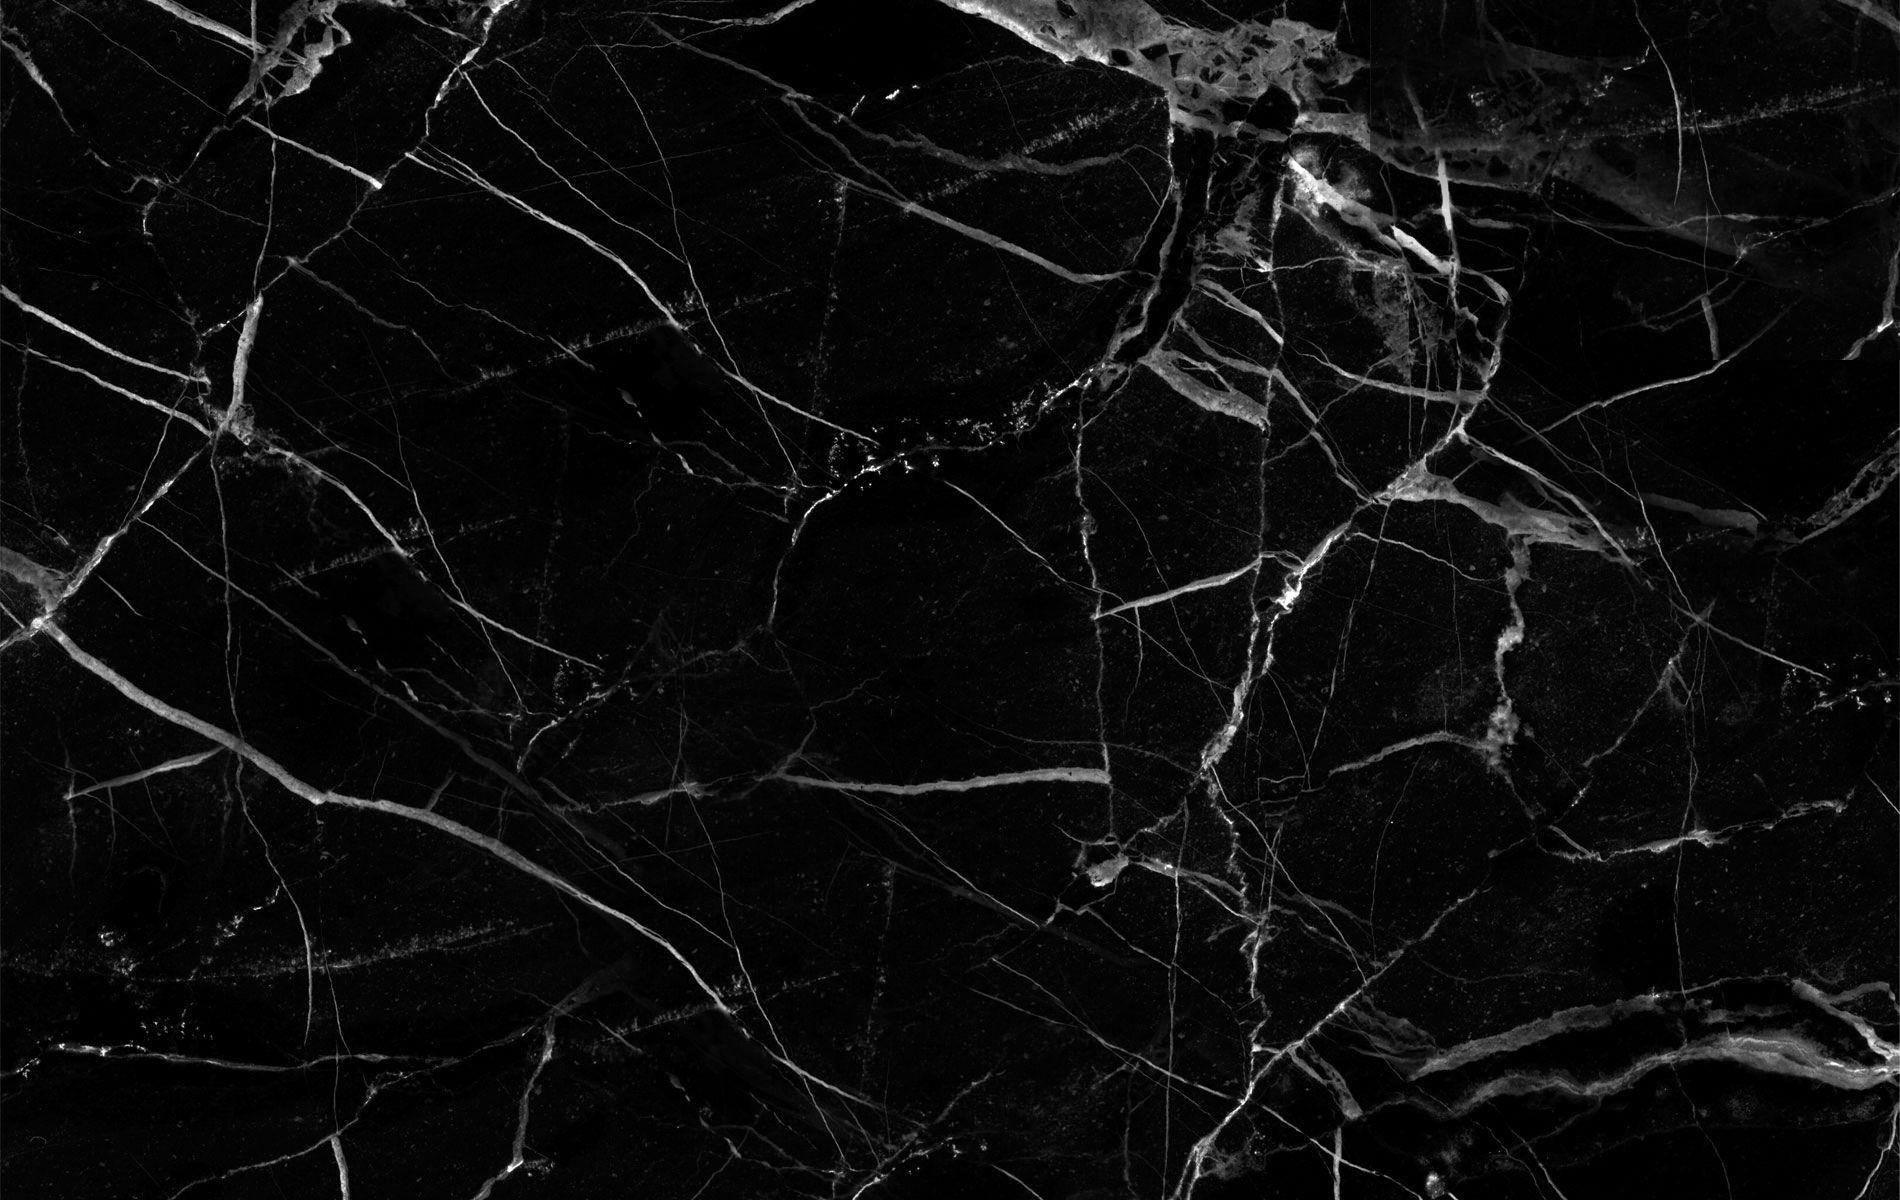 Resultado de imagem para black marble background